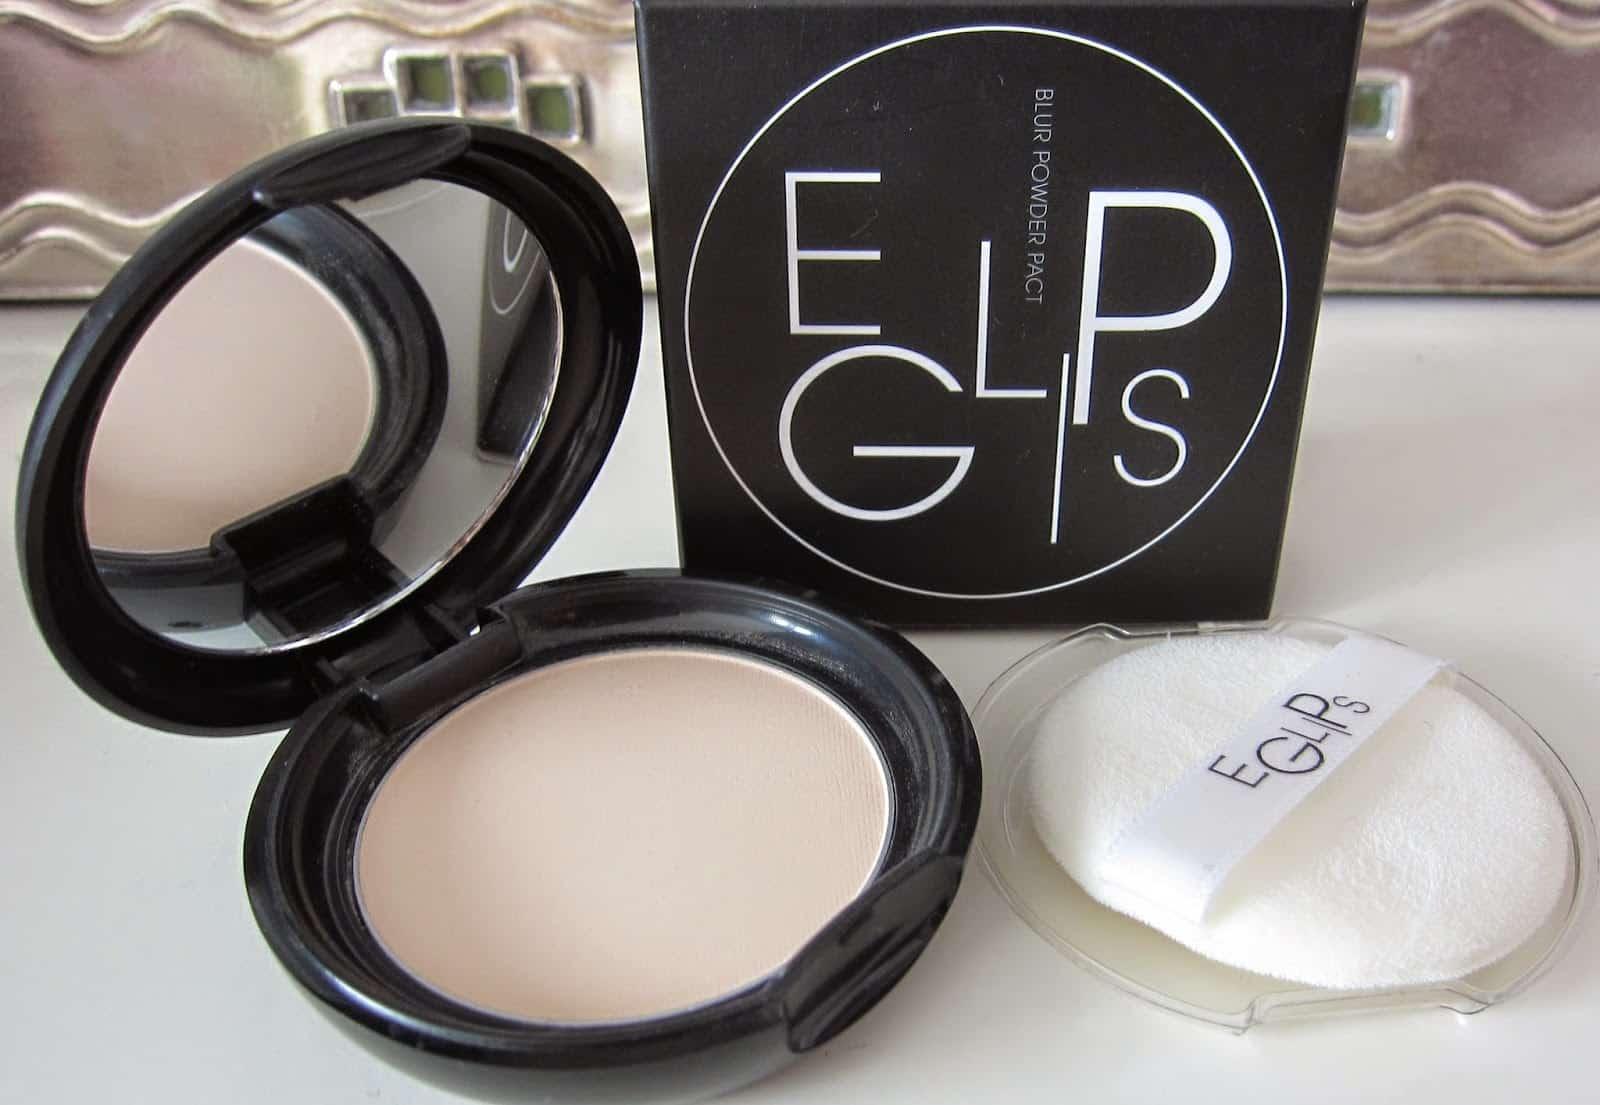 EGLIPS-Blur-Powder-Pact